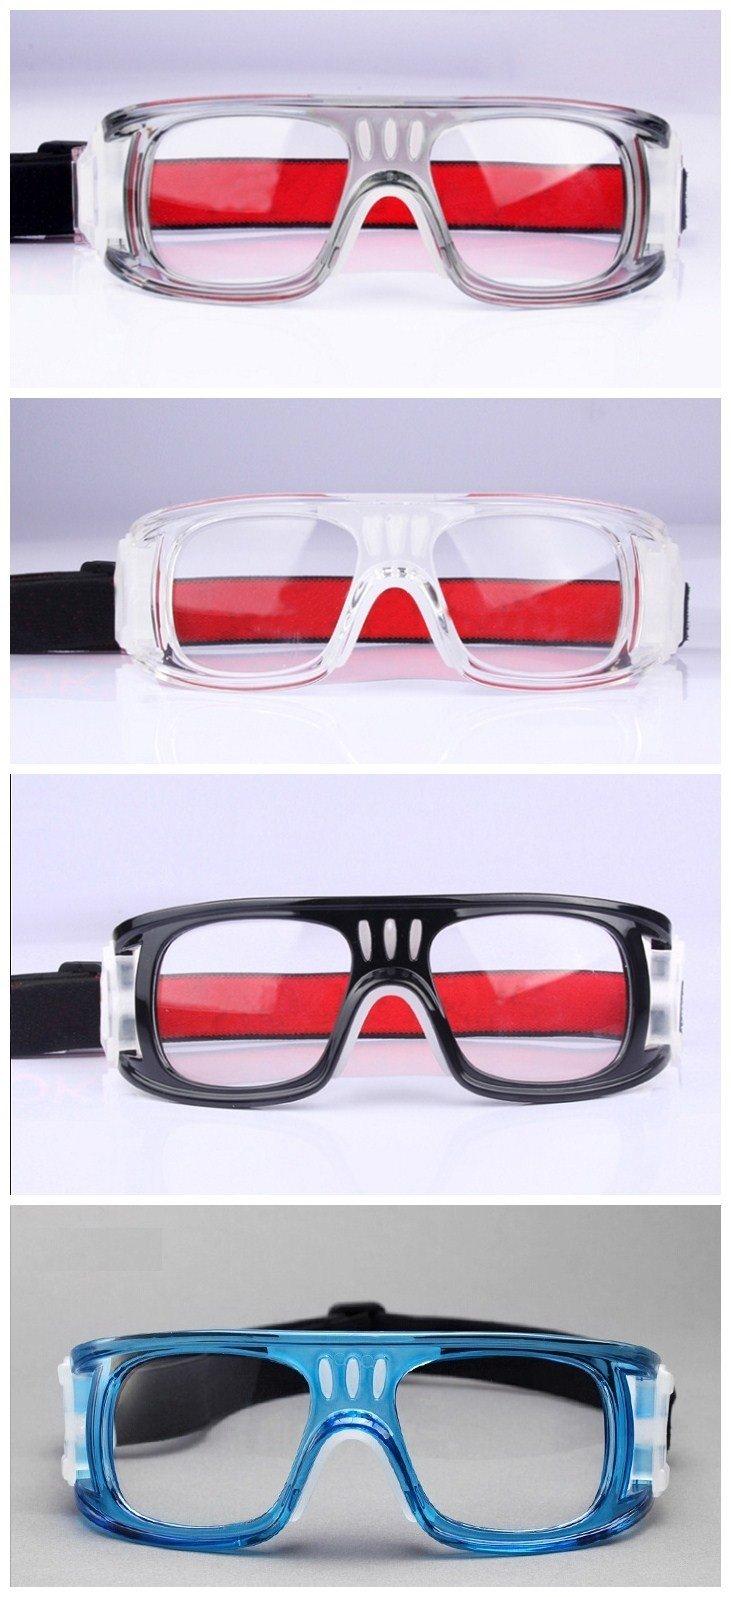 6e54399e686 Men Anti-fog soccer basketball glasses bendable soccer glasses ...